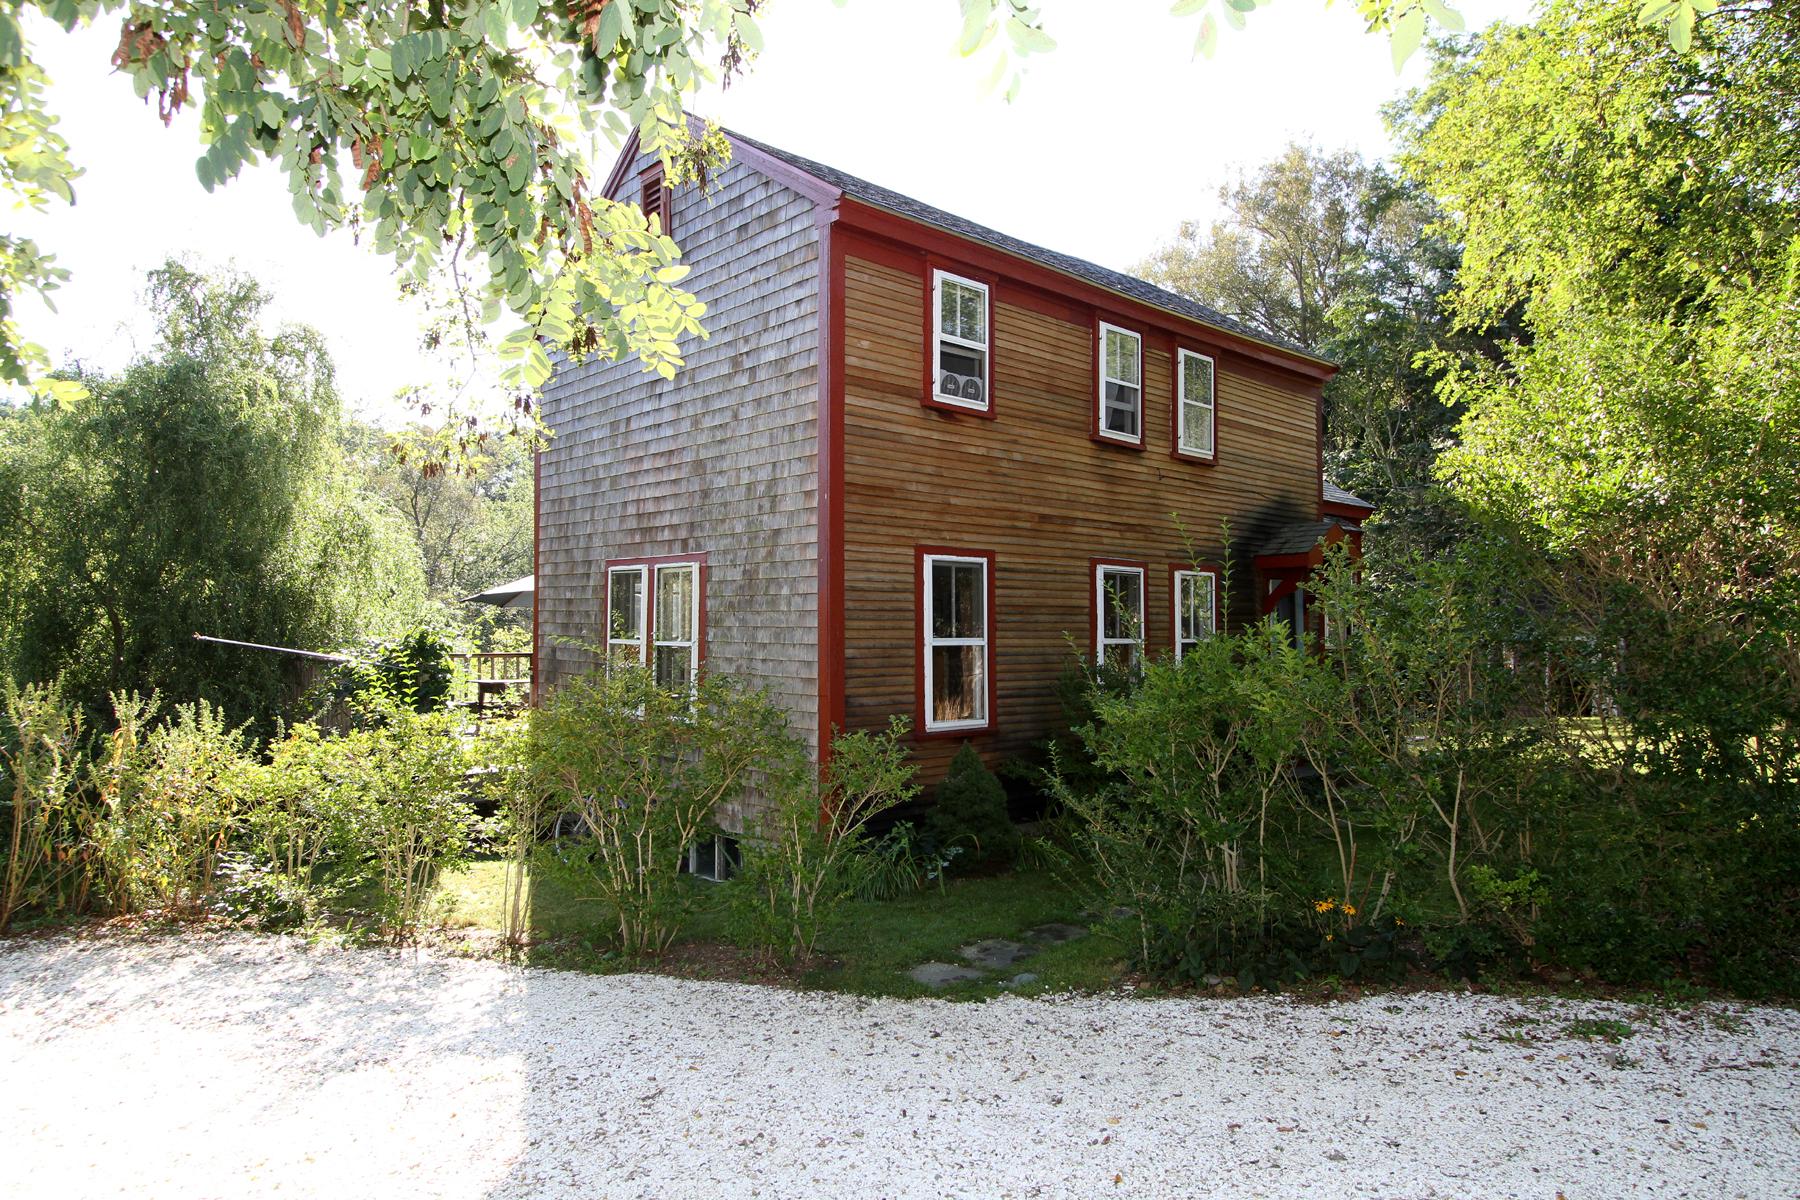 Tek Ailelik Ev için Satış at 180 Briar Lane, Wellfleet, MA Wellfleet, Massachusetts, 02667 Amerika Birleşik Devletleri